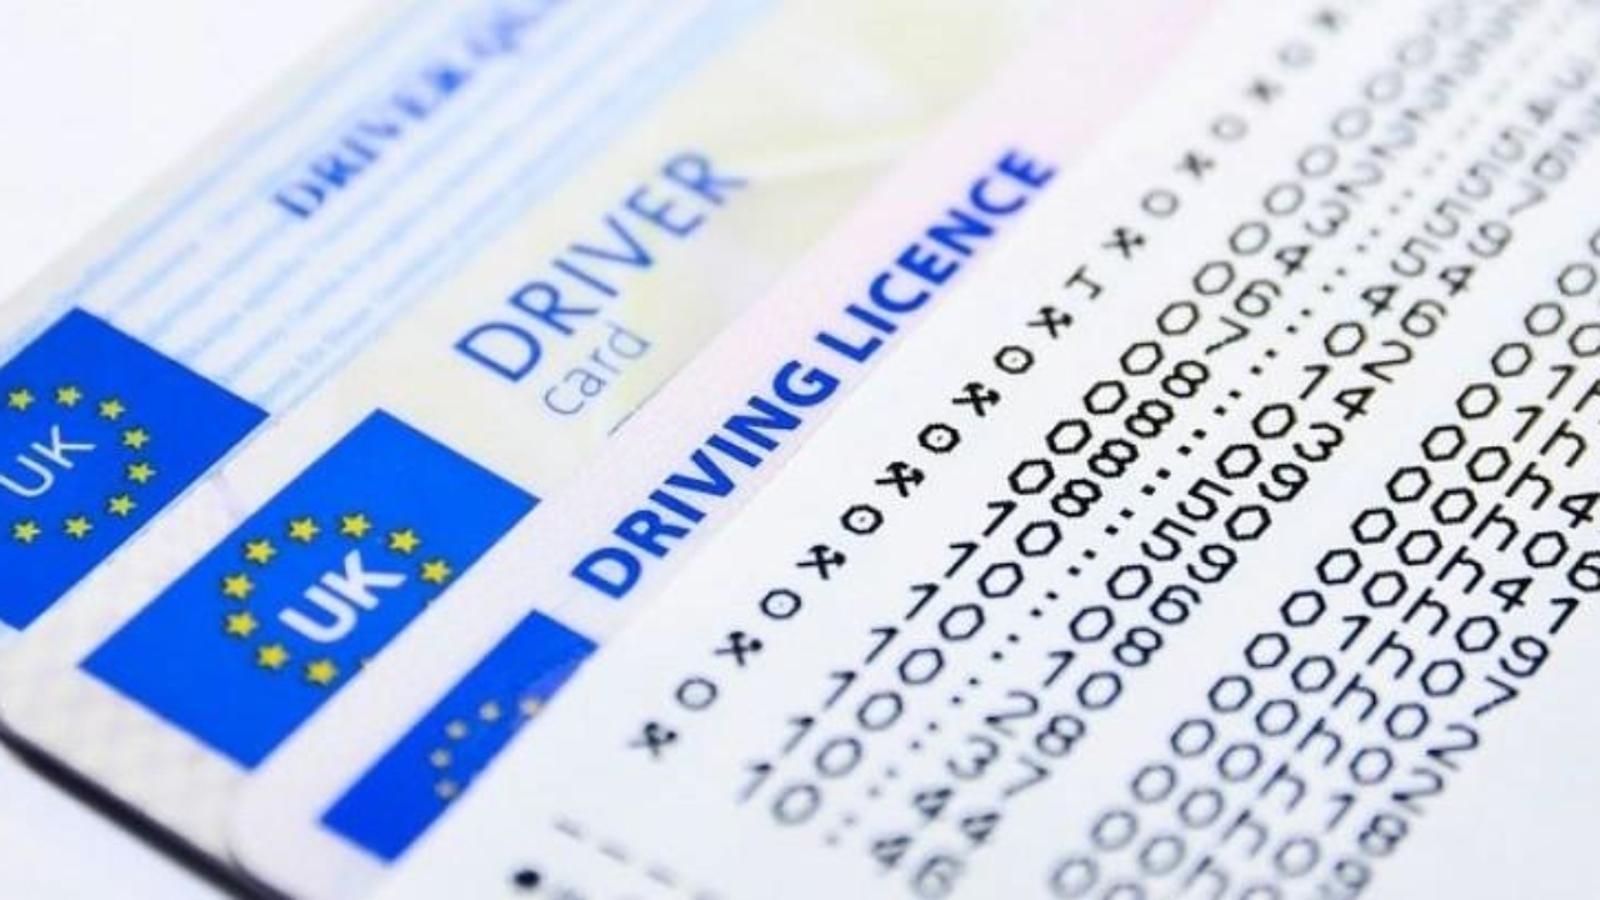 Un carnet de conduir europeu. / ARA ANDORRA